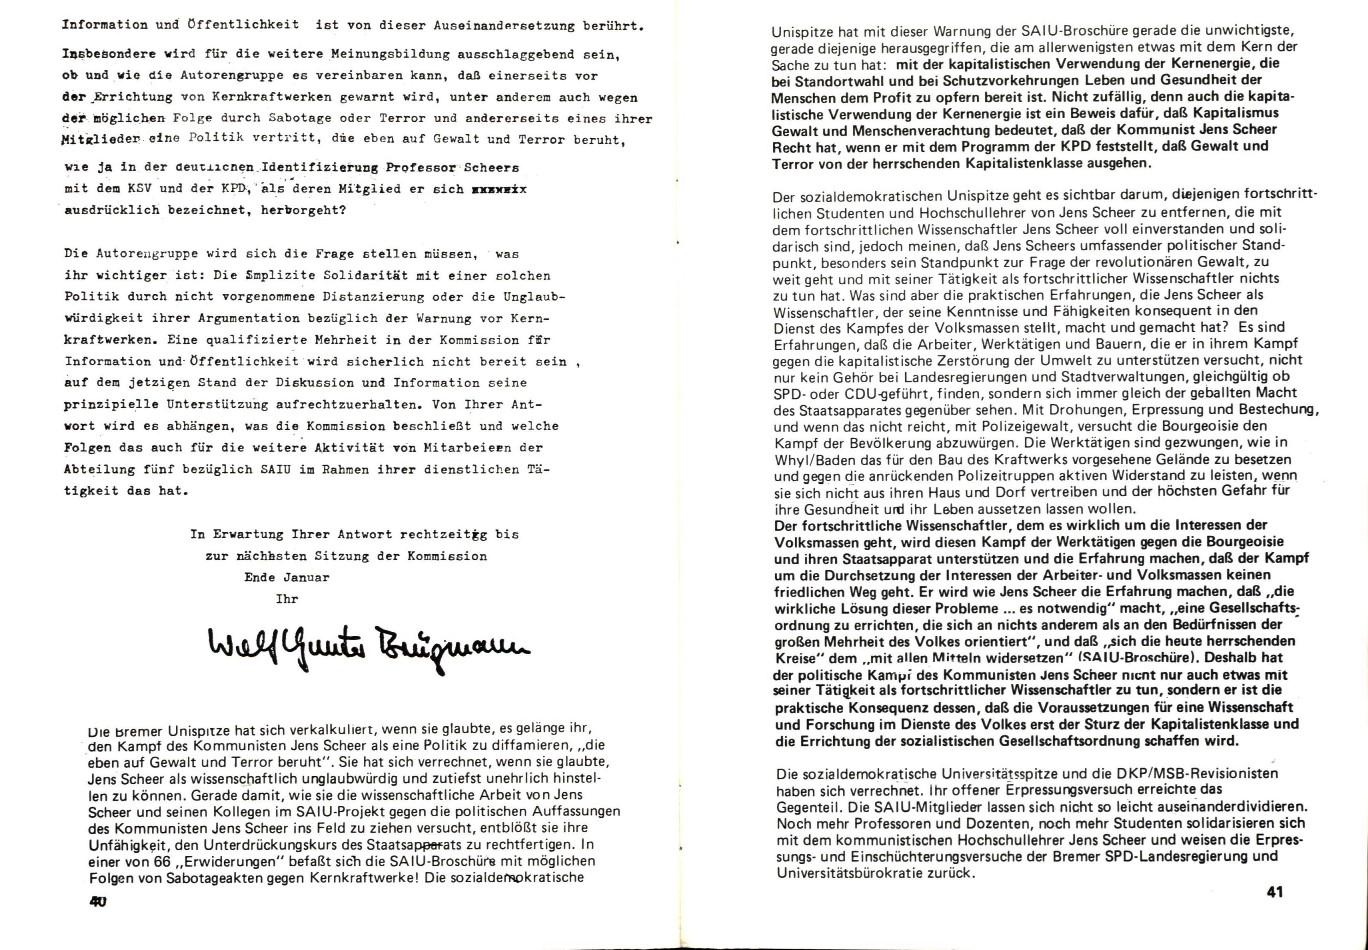 KSV_1975_Scheer_Schneider_Sigrist_21